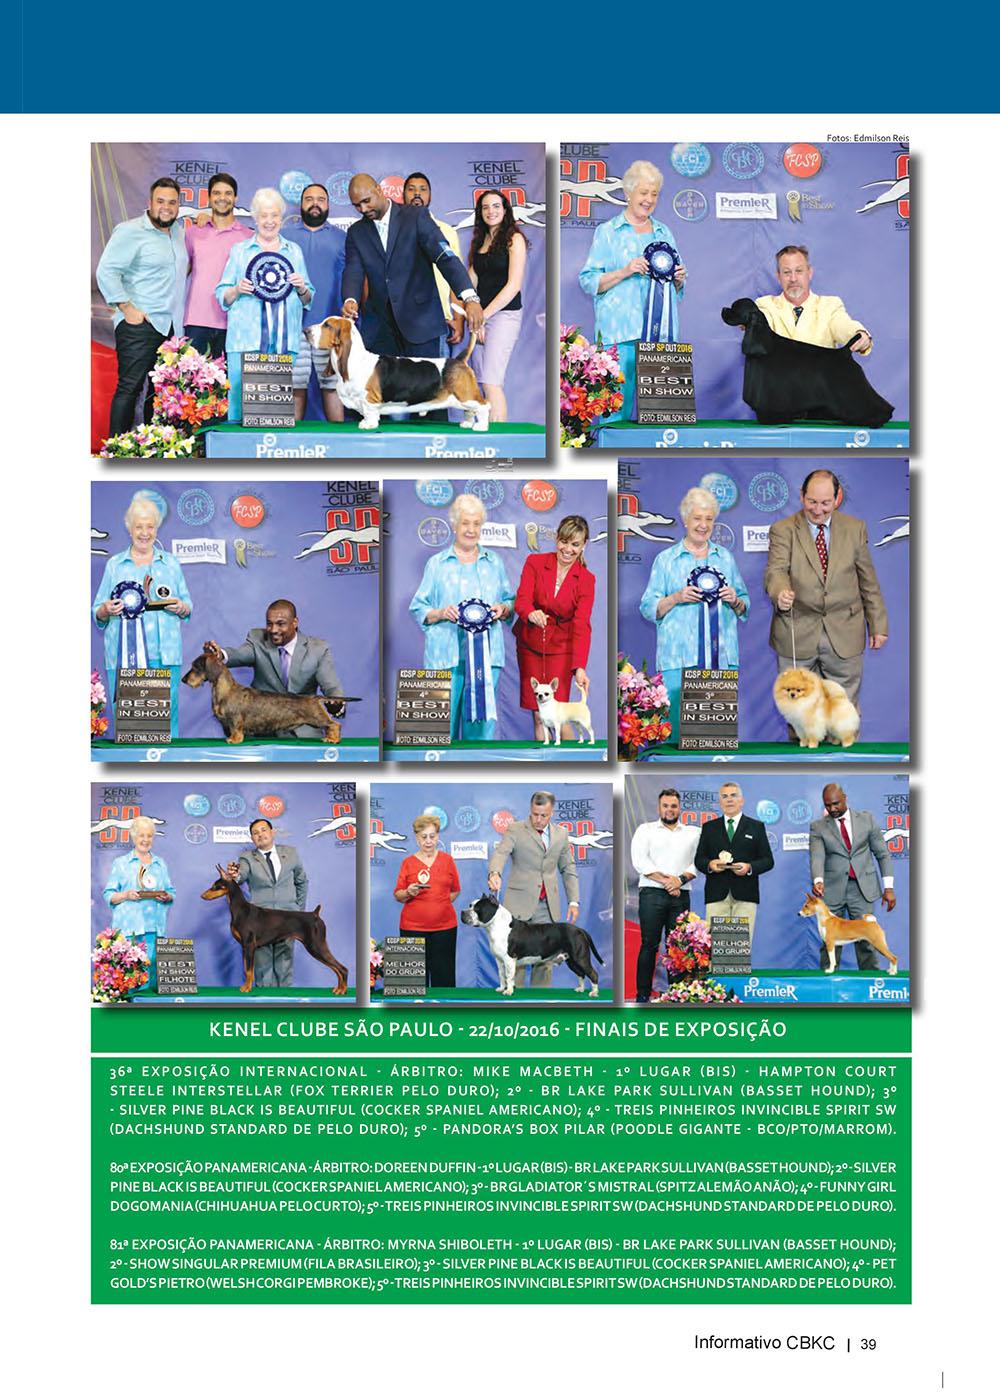 Pagina 39  Edição 53 do Informativo CBKC